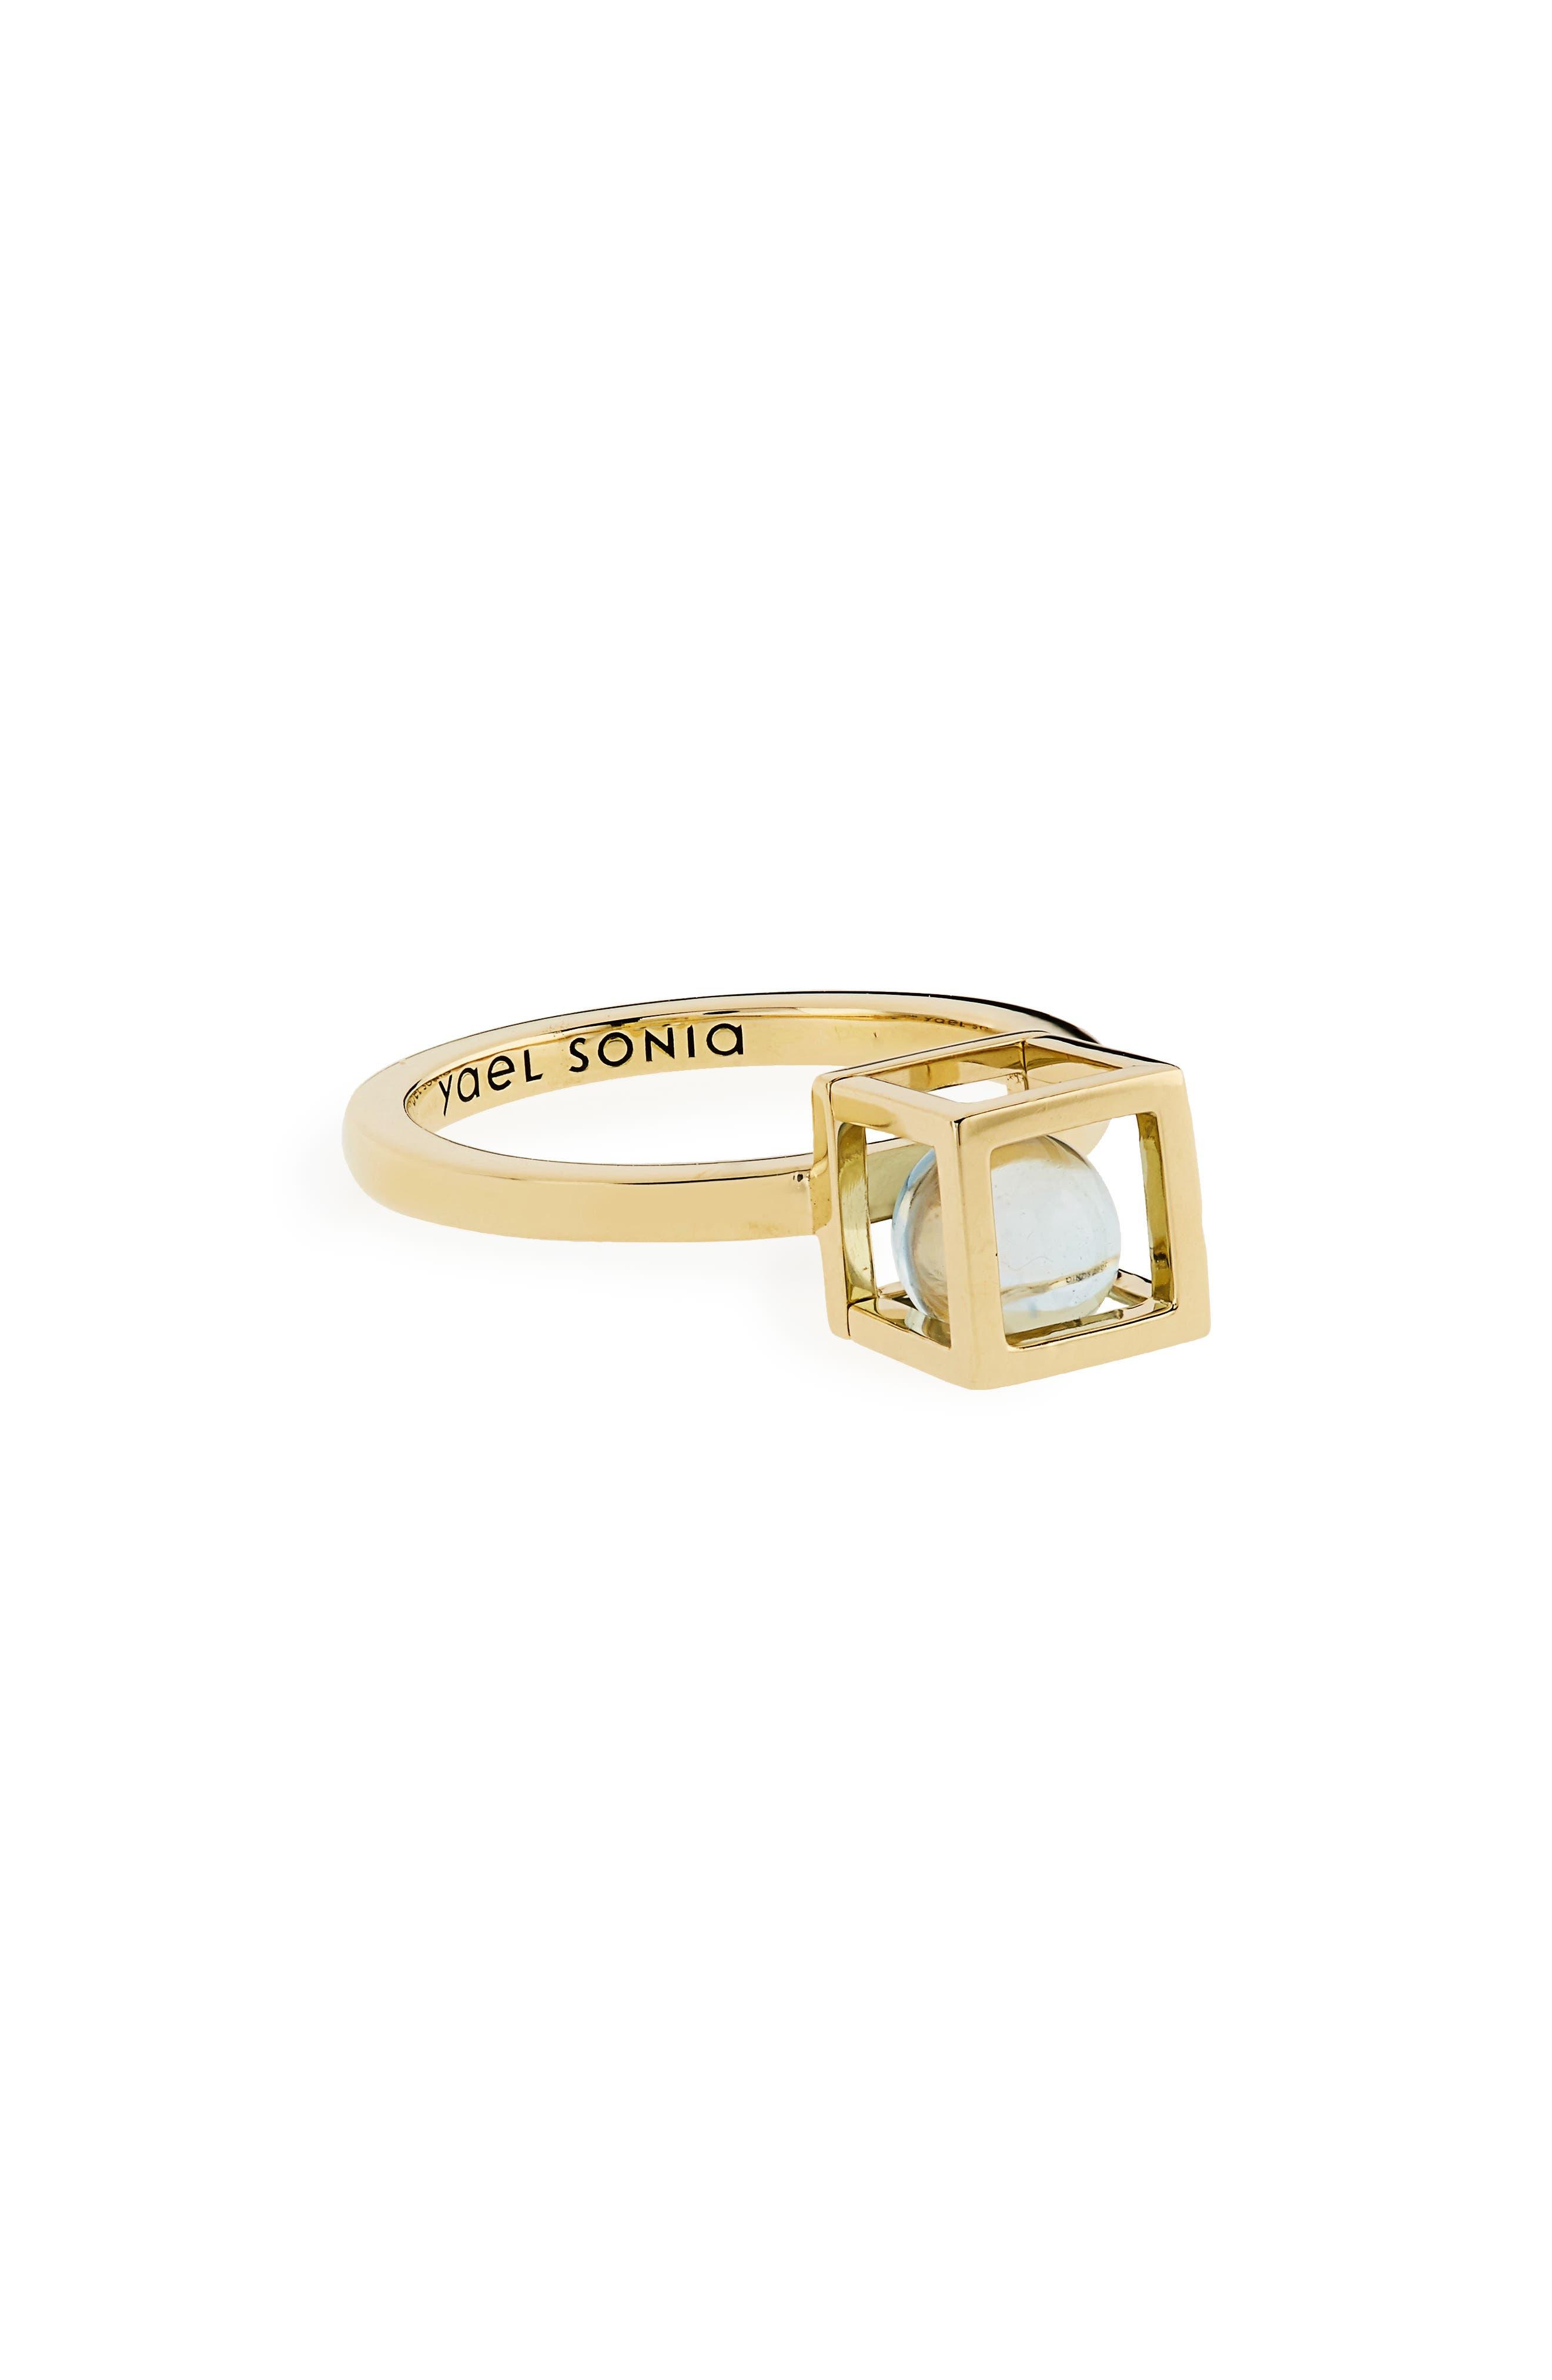 Yael Sonia Solo Blue Topaz Ring